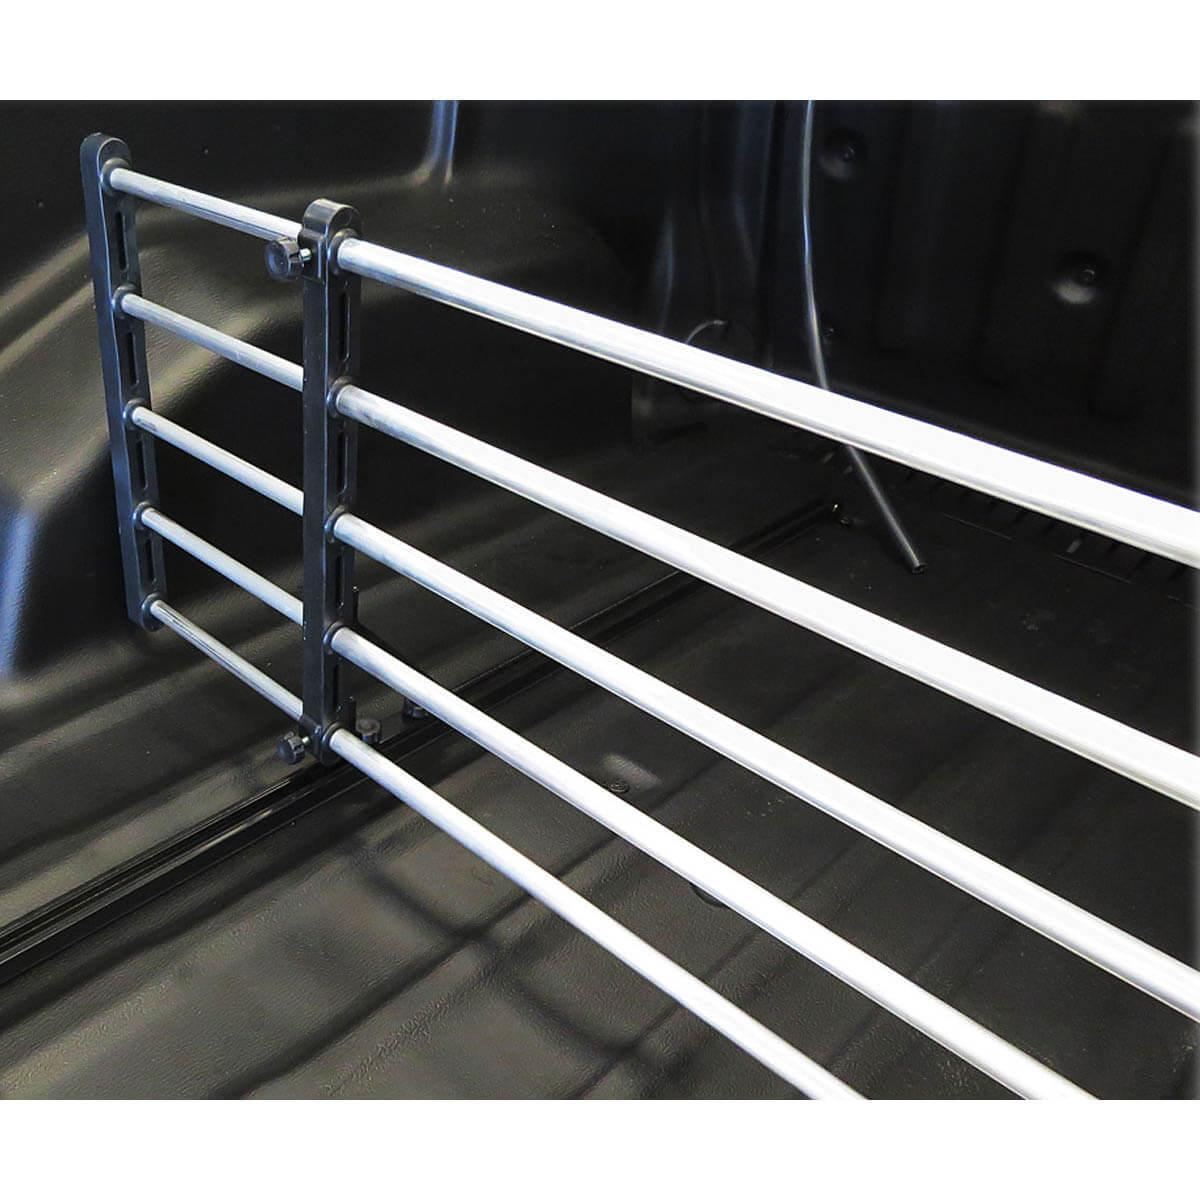 Divisor separador de cargas caçamba Fiat Toro 2017